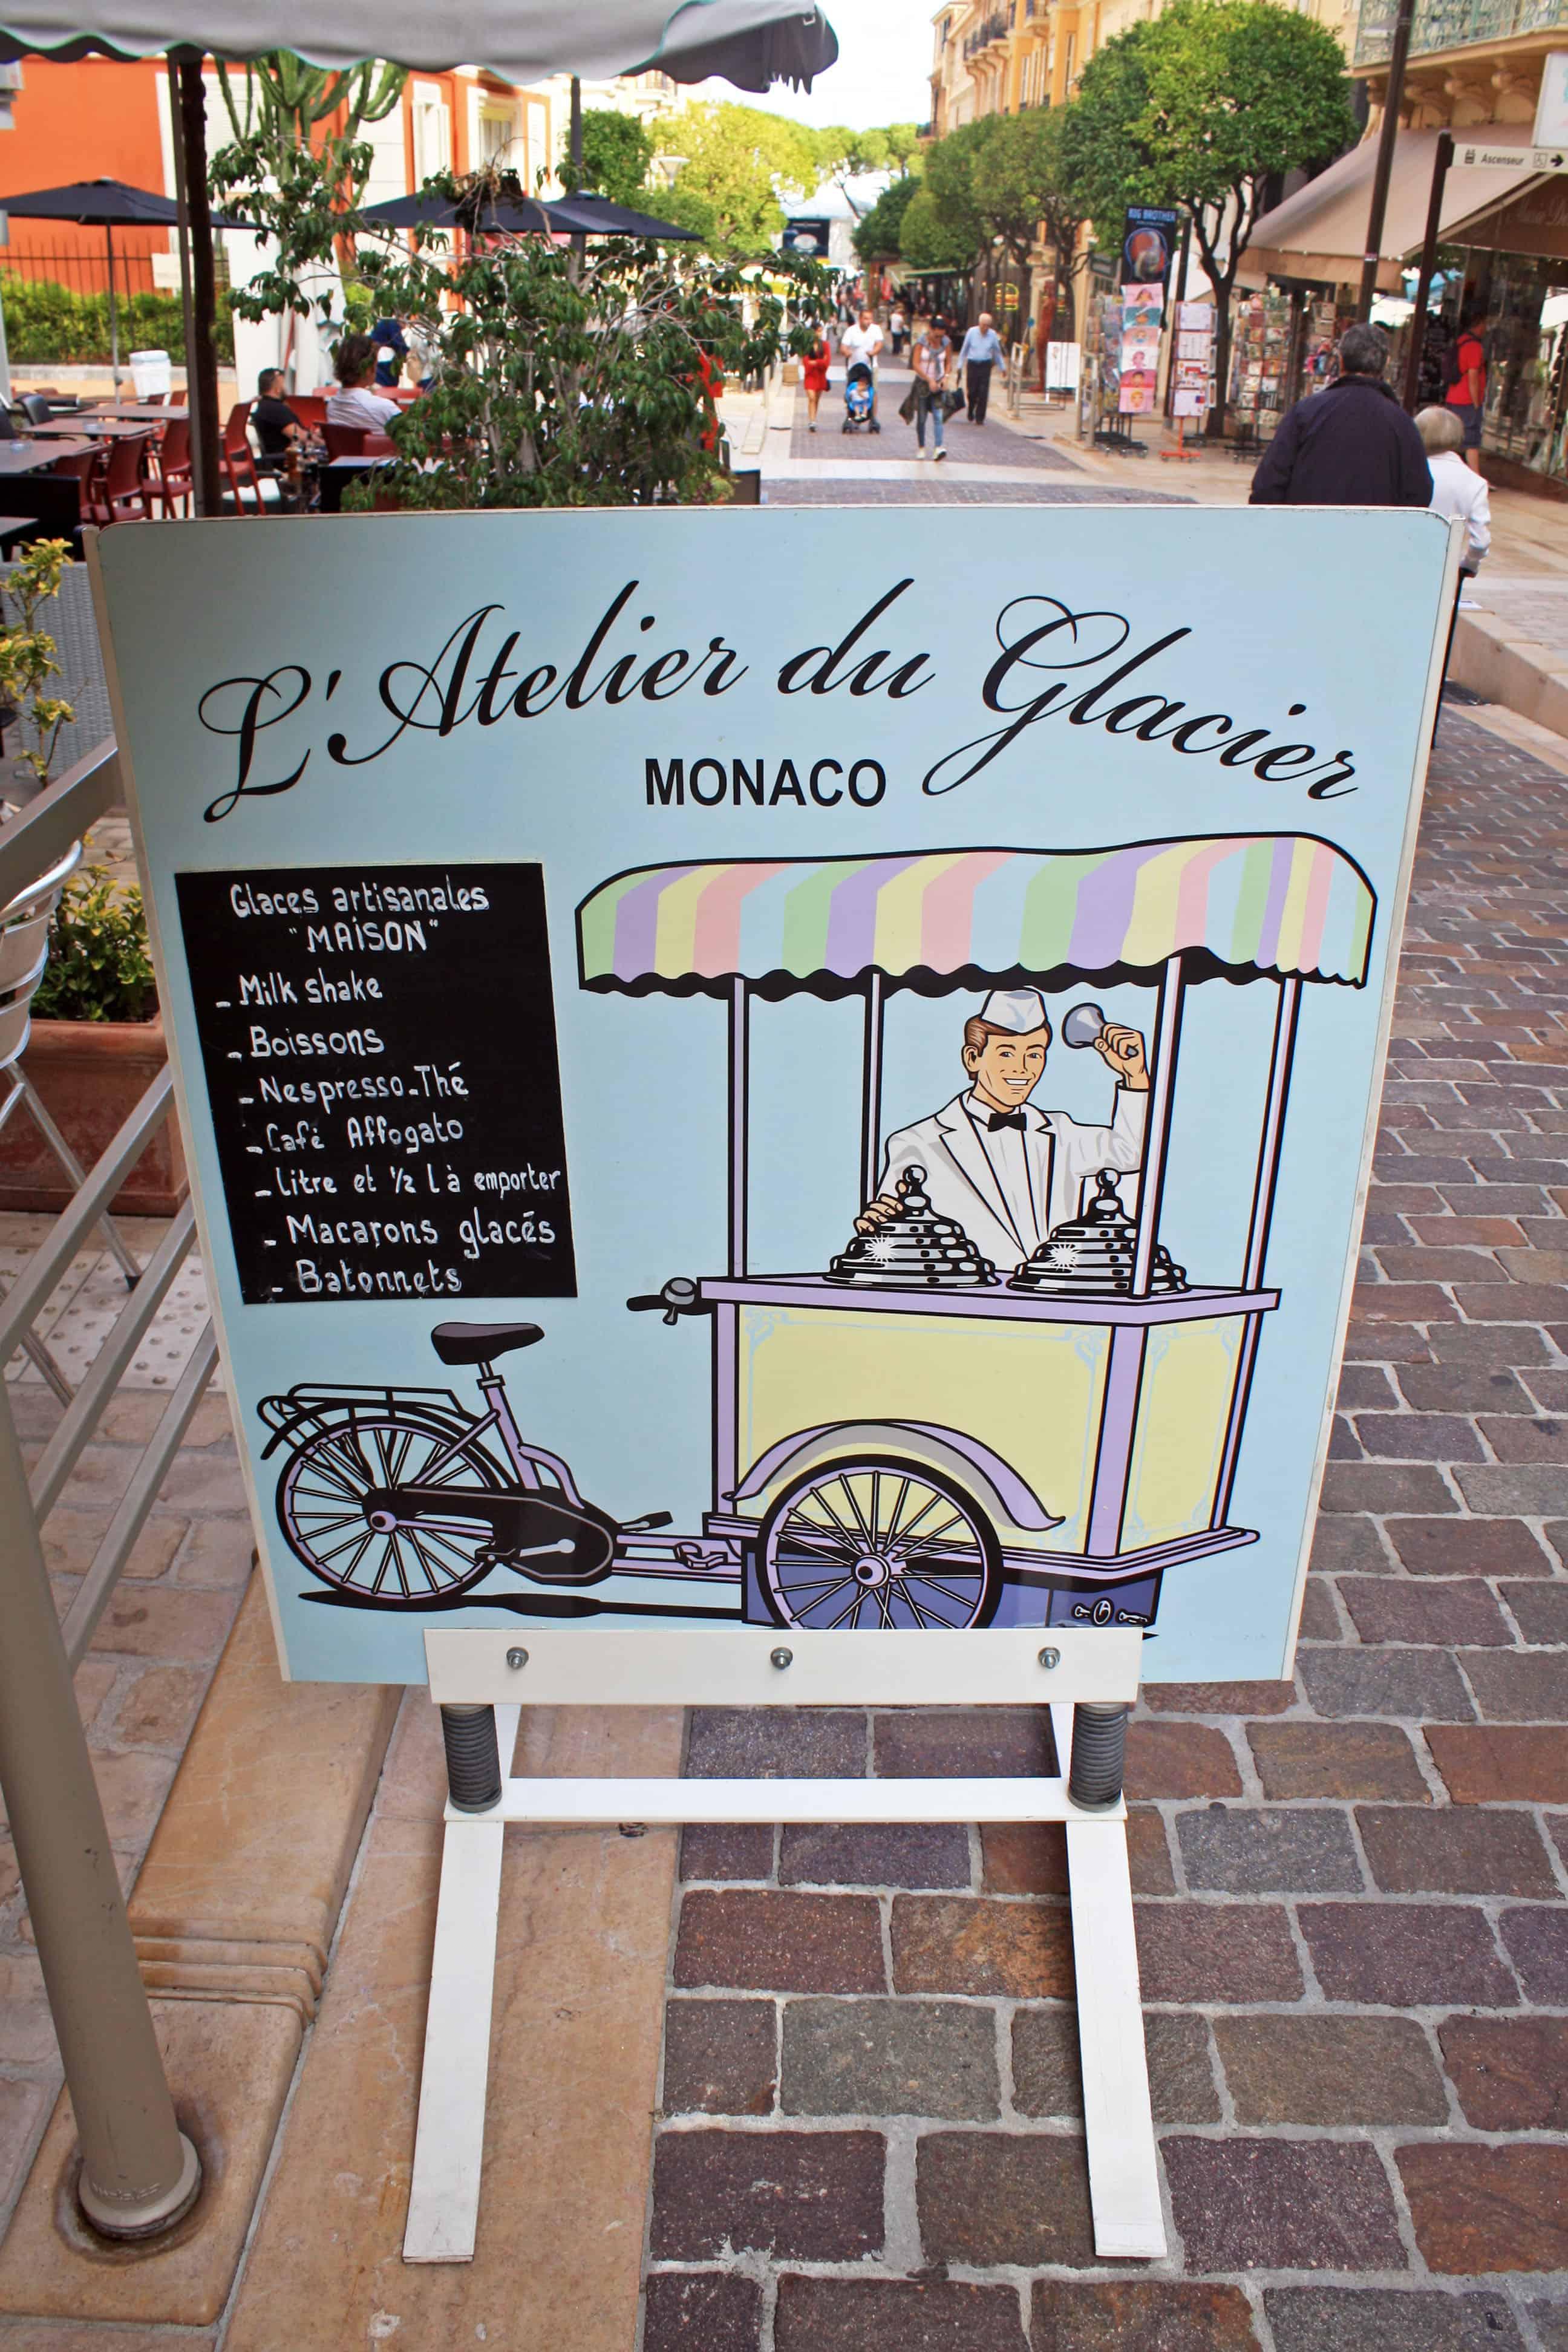 L'Atelier du Glacier, Monaco sign